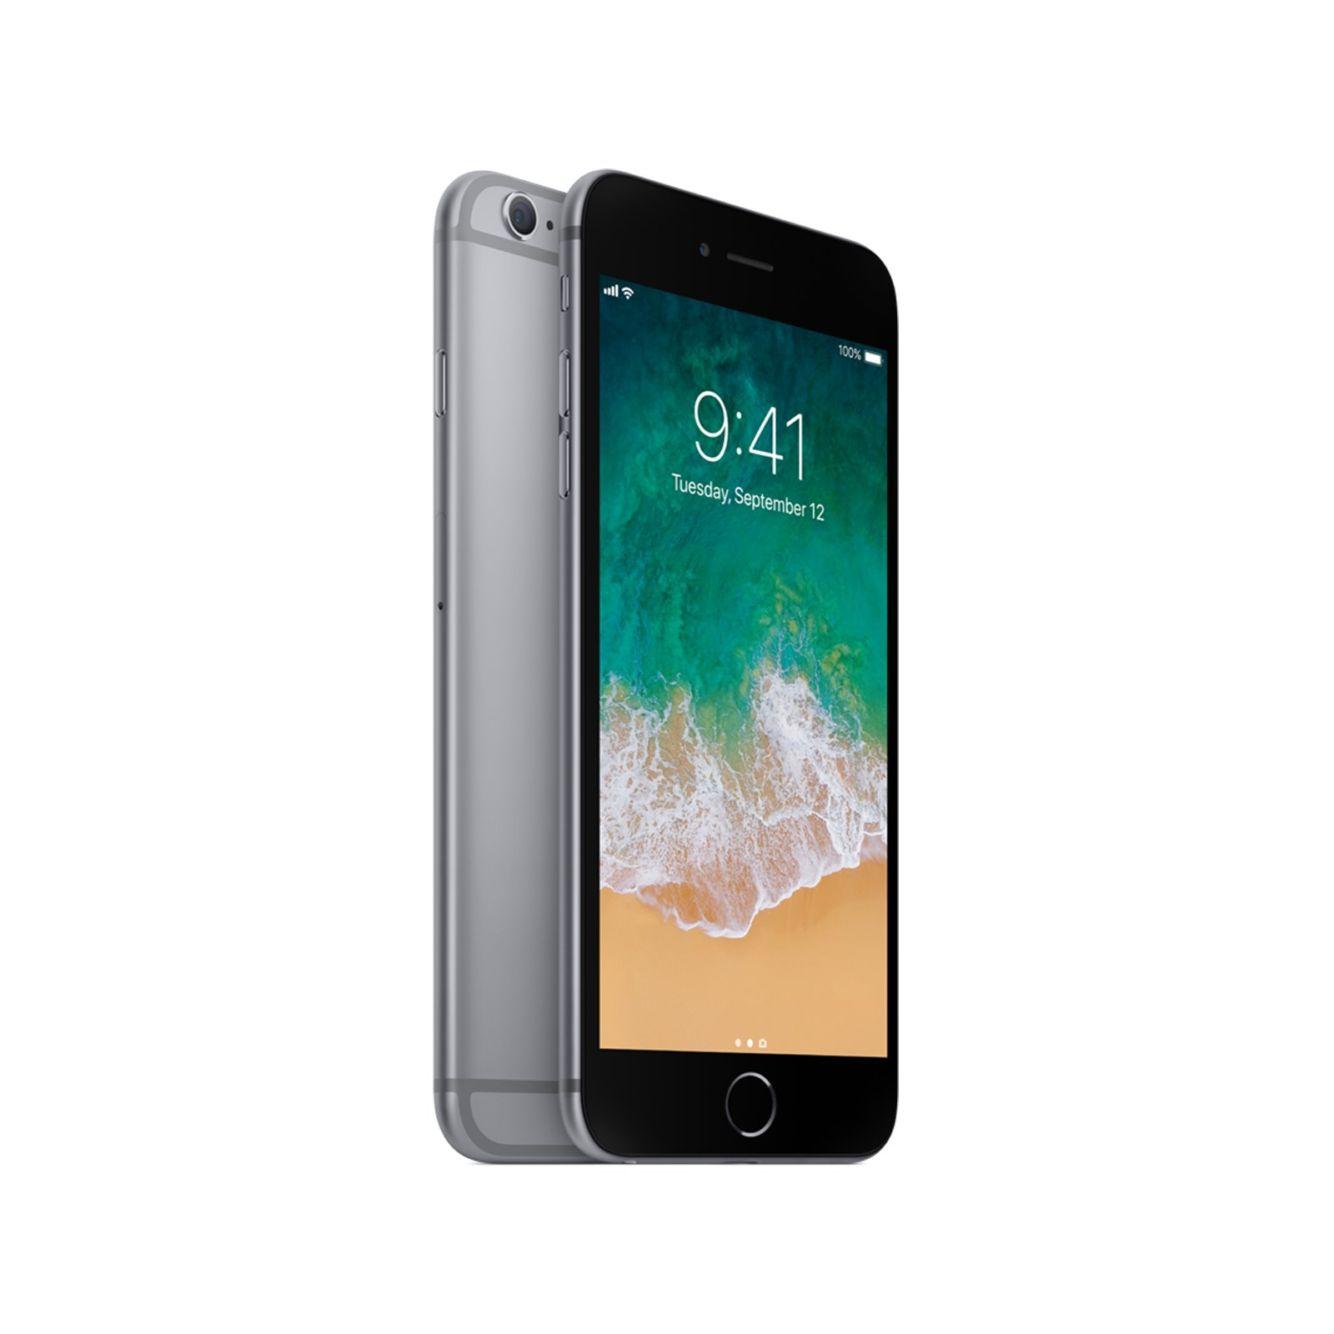 iPhone 6 - iPhone 11 by mohl přehrávat zvuk do dvou Bluetooth sluchátek zároveň